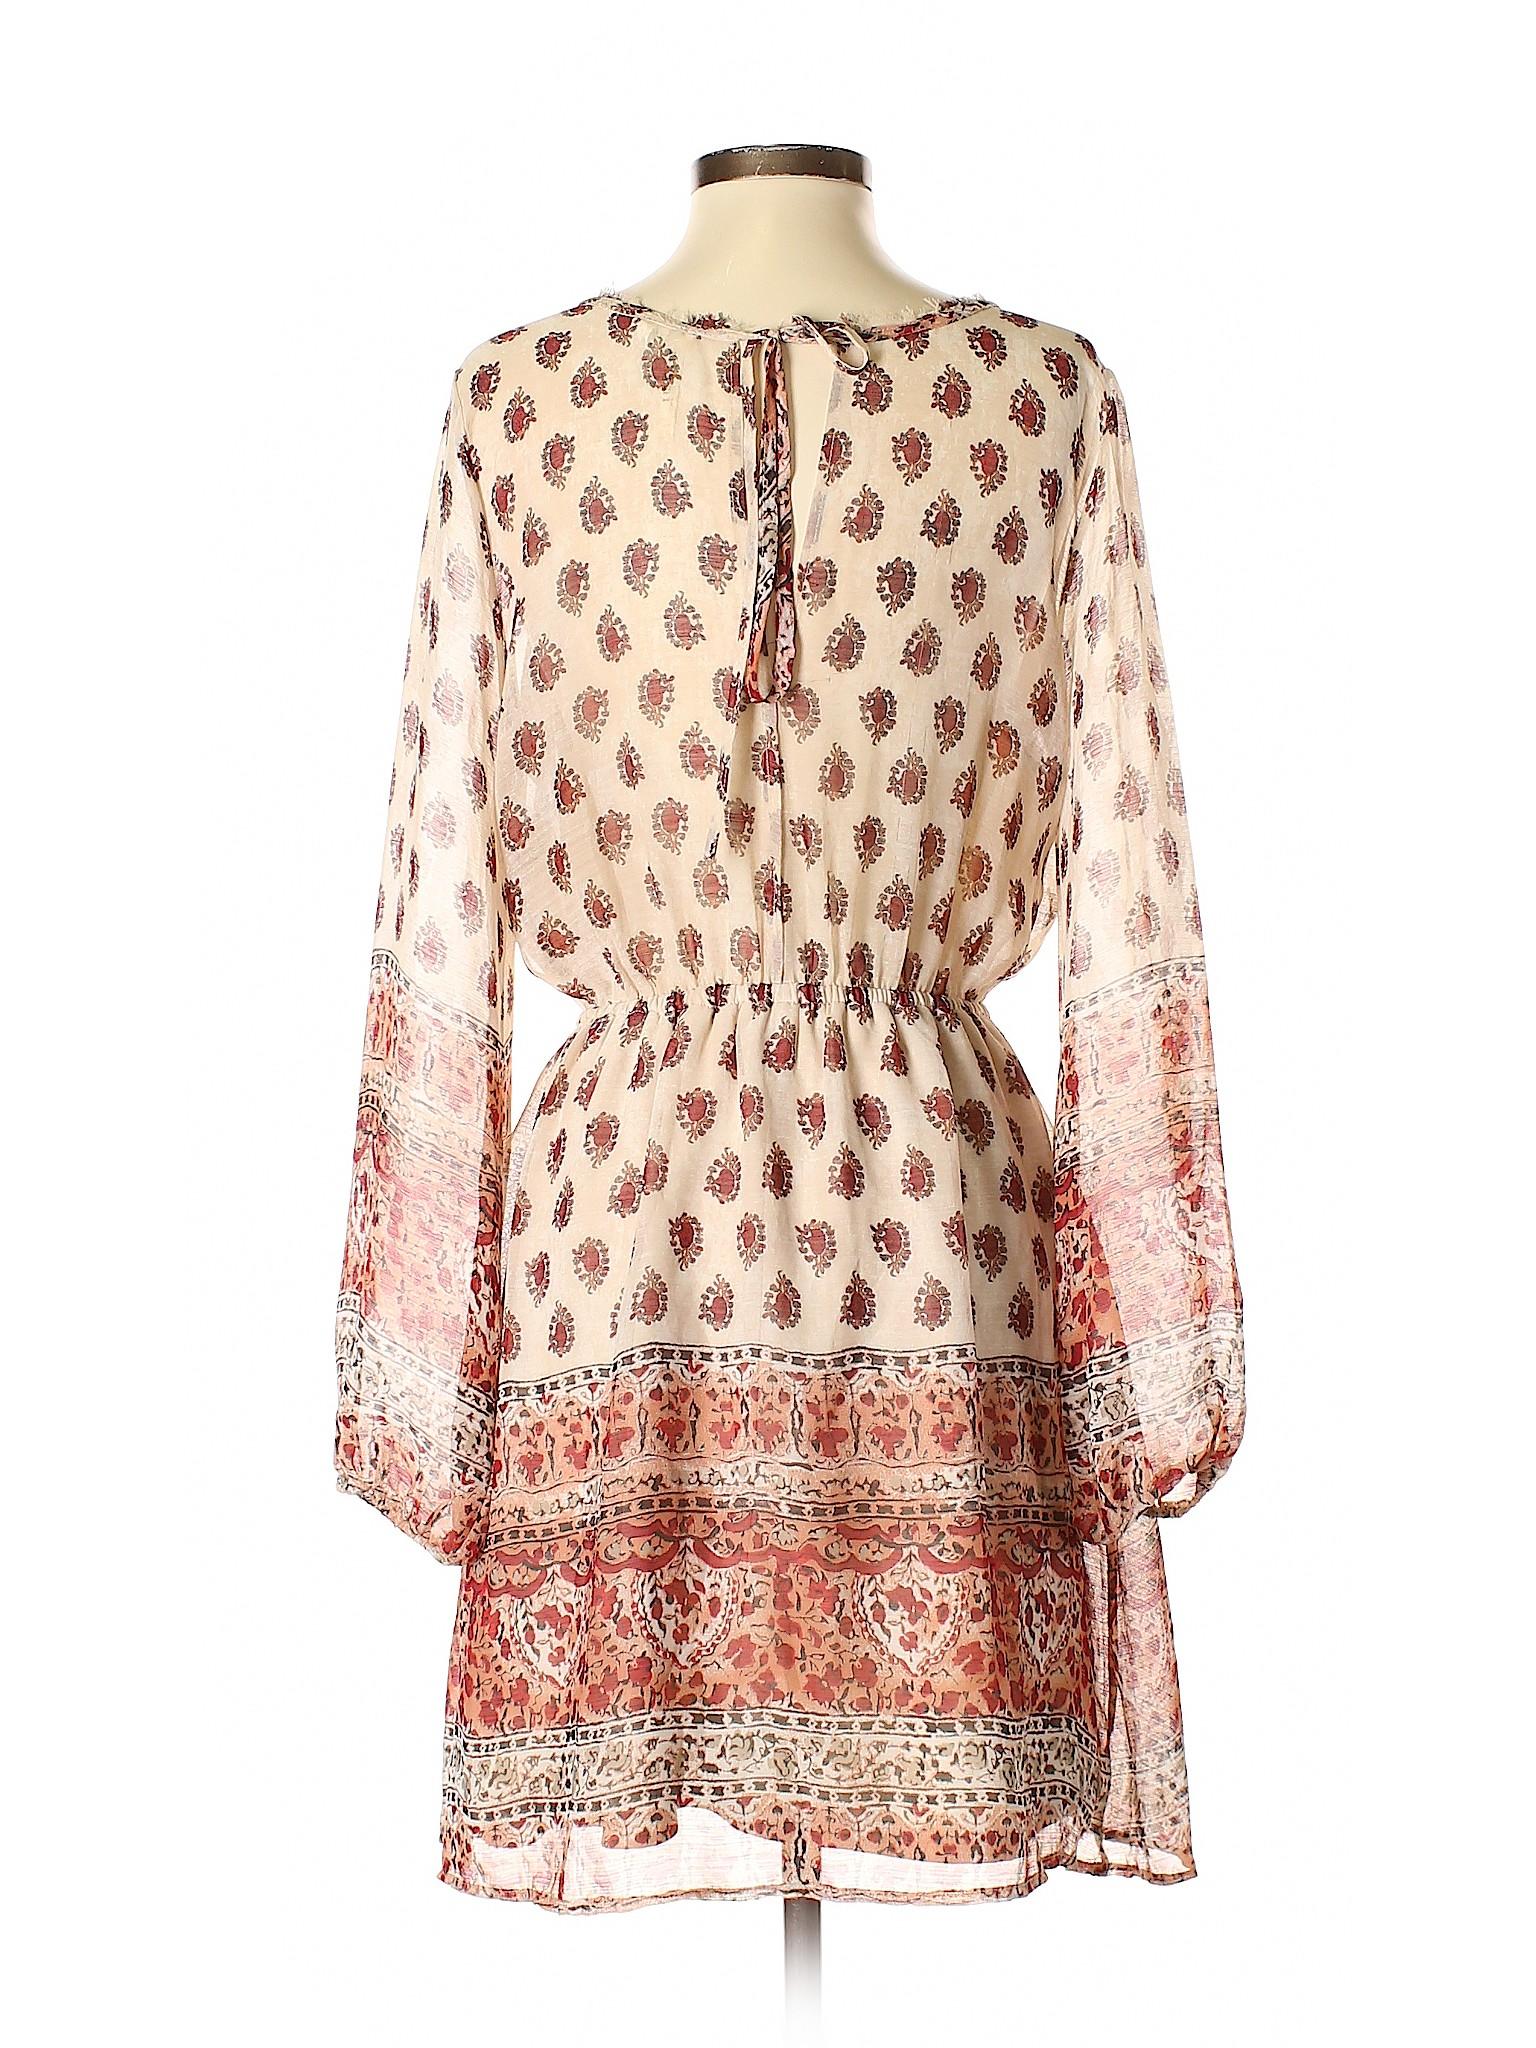 Dress Casual Mi ami winter Boutique ZqTOCw7